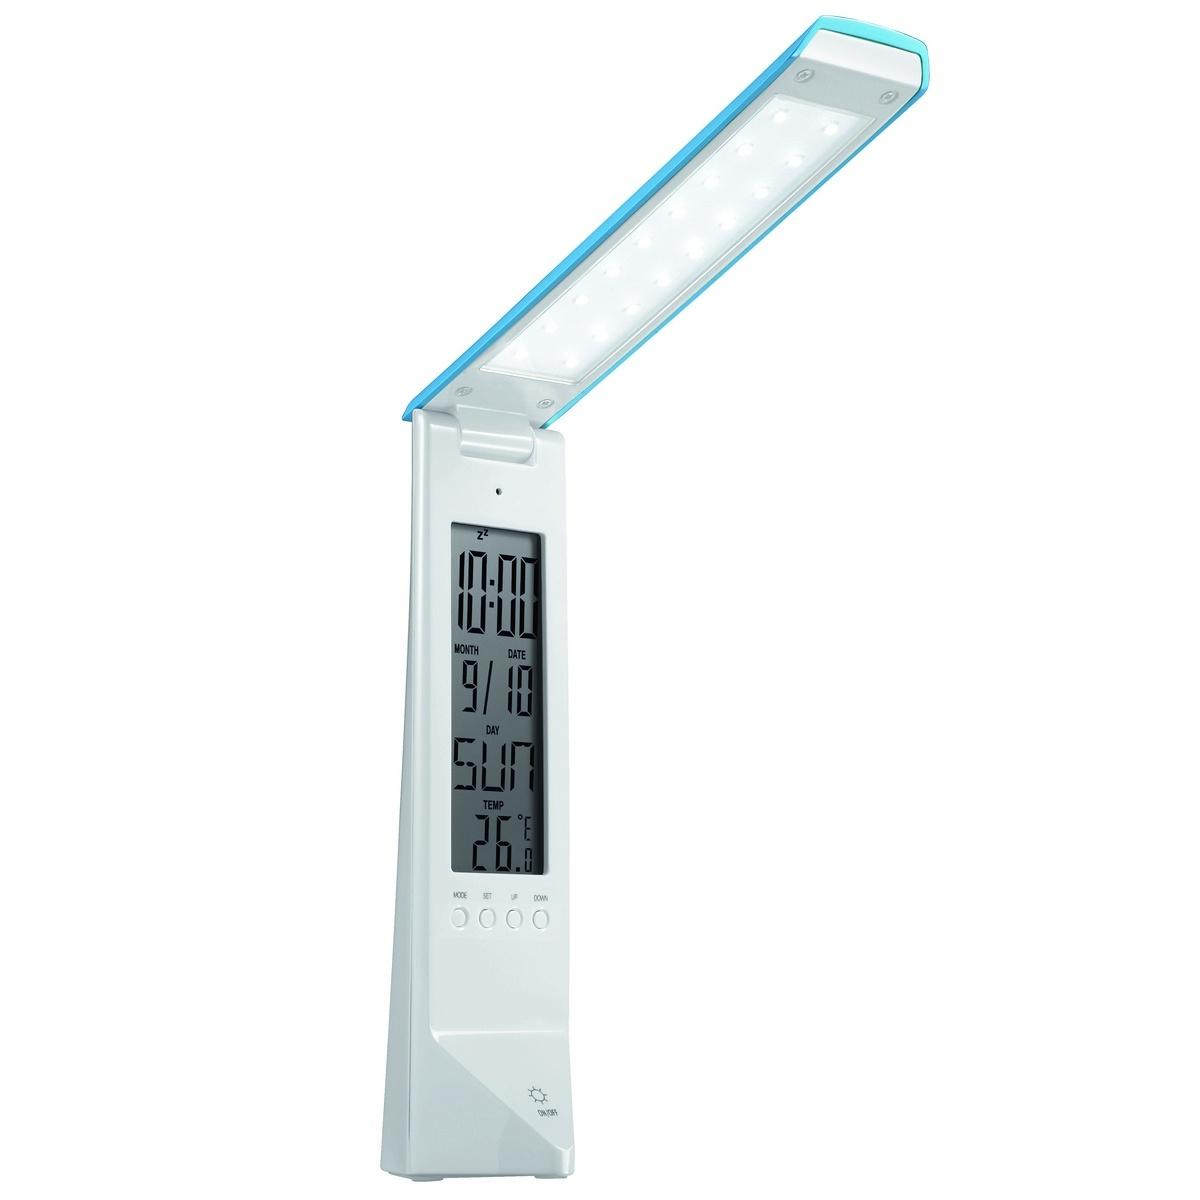 PANLUX DAISY multifunkčný stolná lampička s displejom, bielo / modrá PN15300003